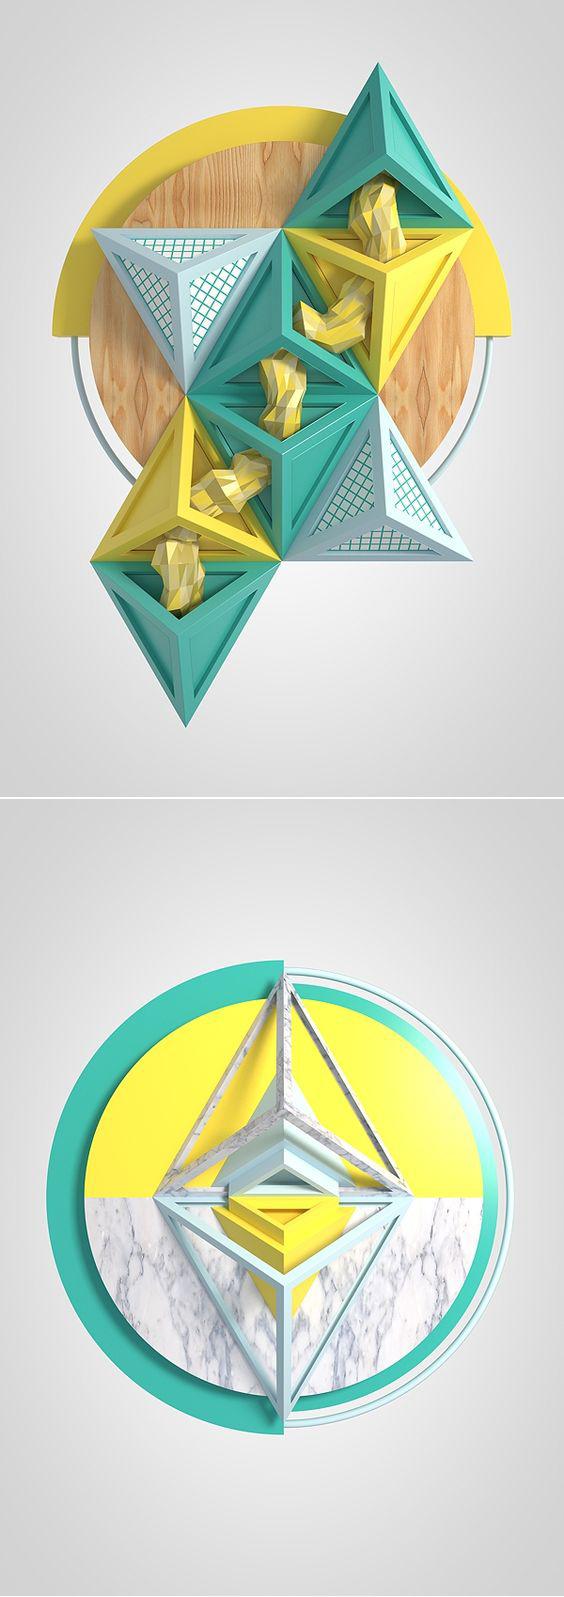 平面设计新手入门—《立体构成》